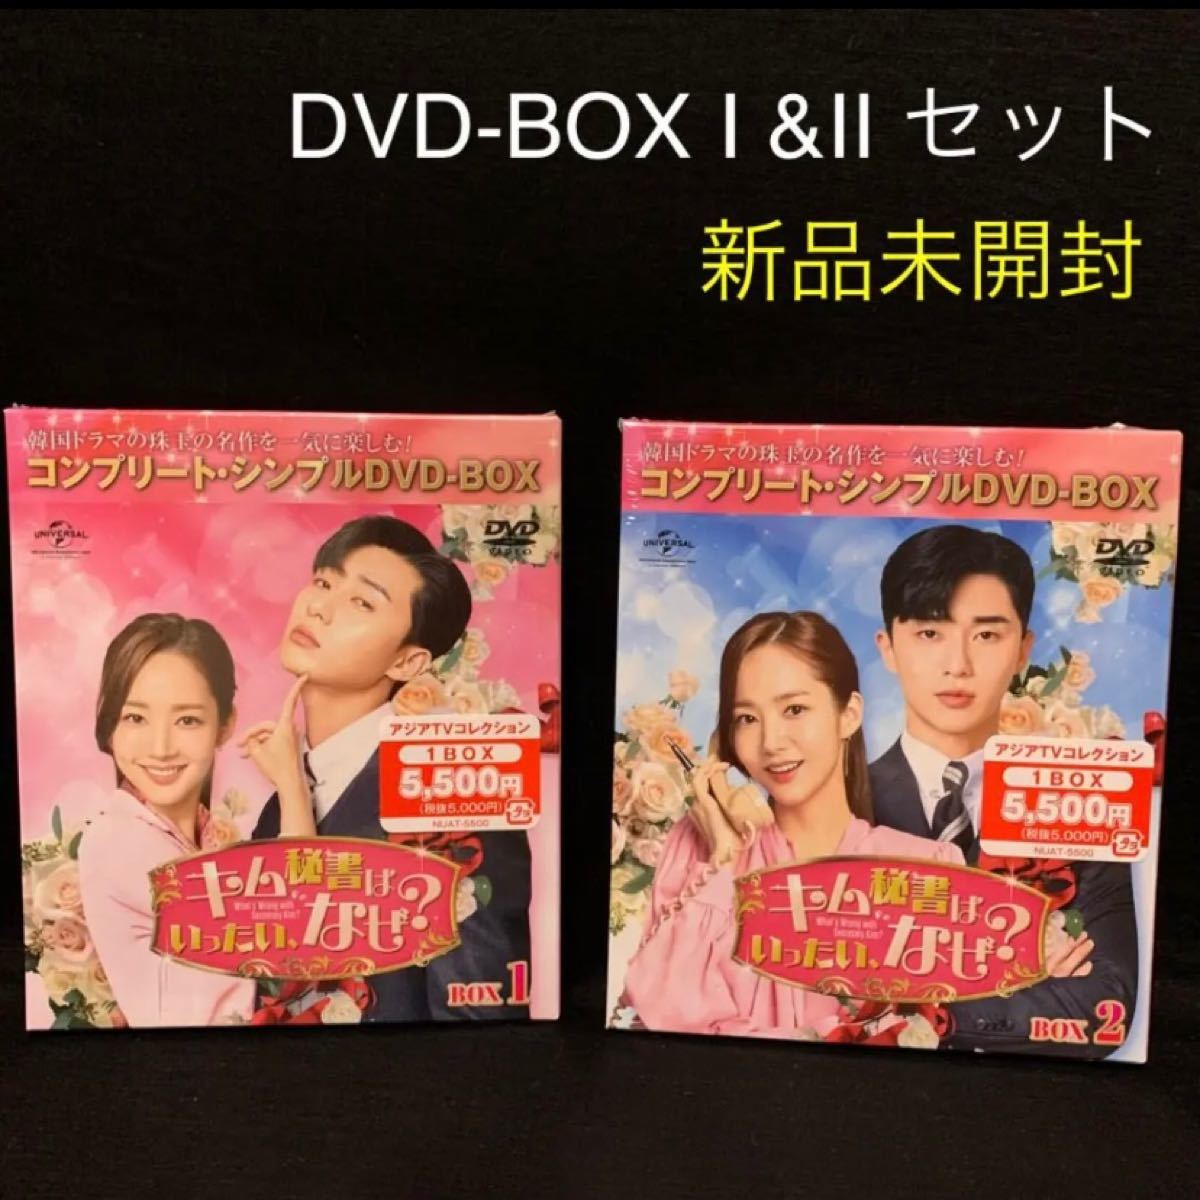 新品!キム秘書はいったい、なぜ? DVD-BOX1&2セット 国内正規品 韓国ドラマ 韓流 コンプリートシンプルDVDボックス